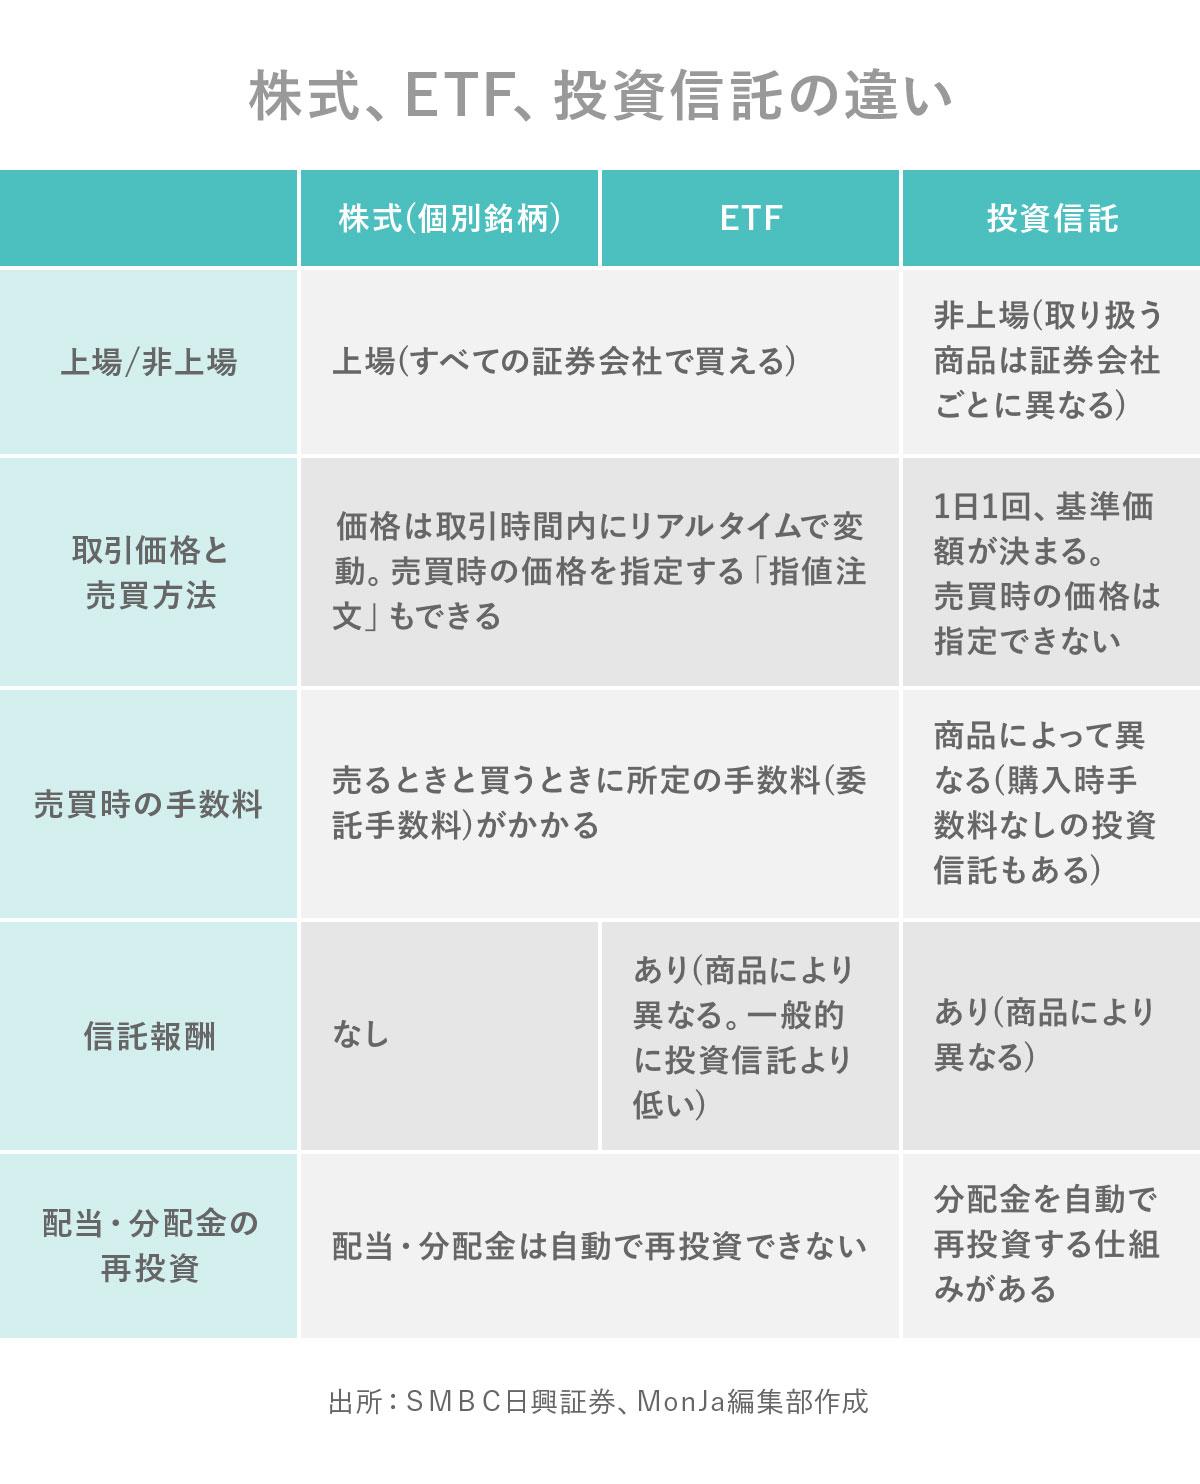 株式、ETF、投資信託の違い